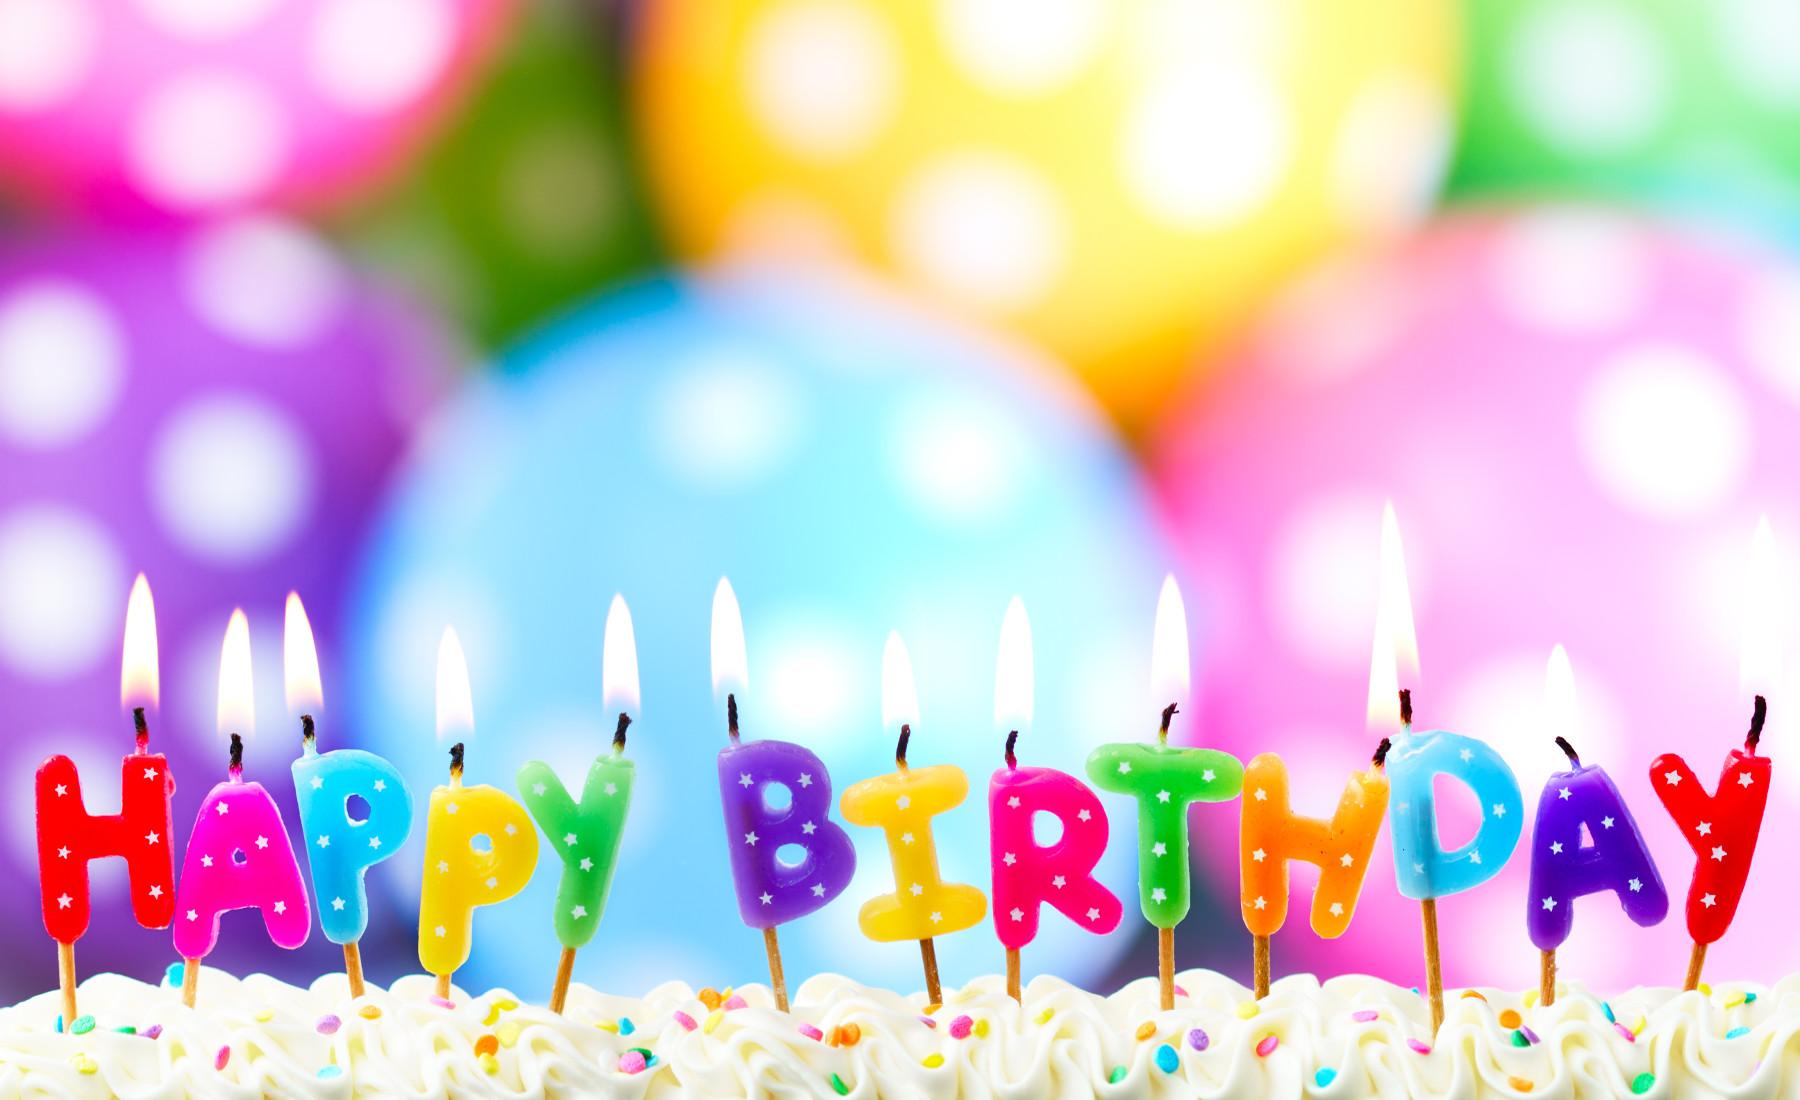 מתכננים יום הולדת? – כך תמנעו טעויות בתכנון!